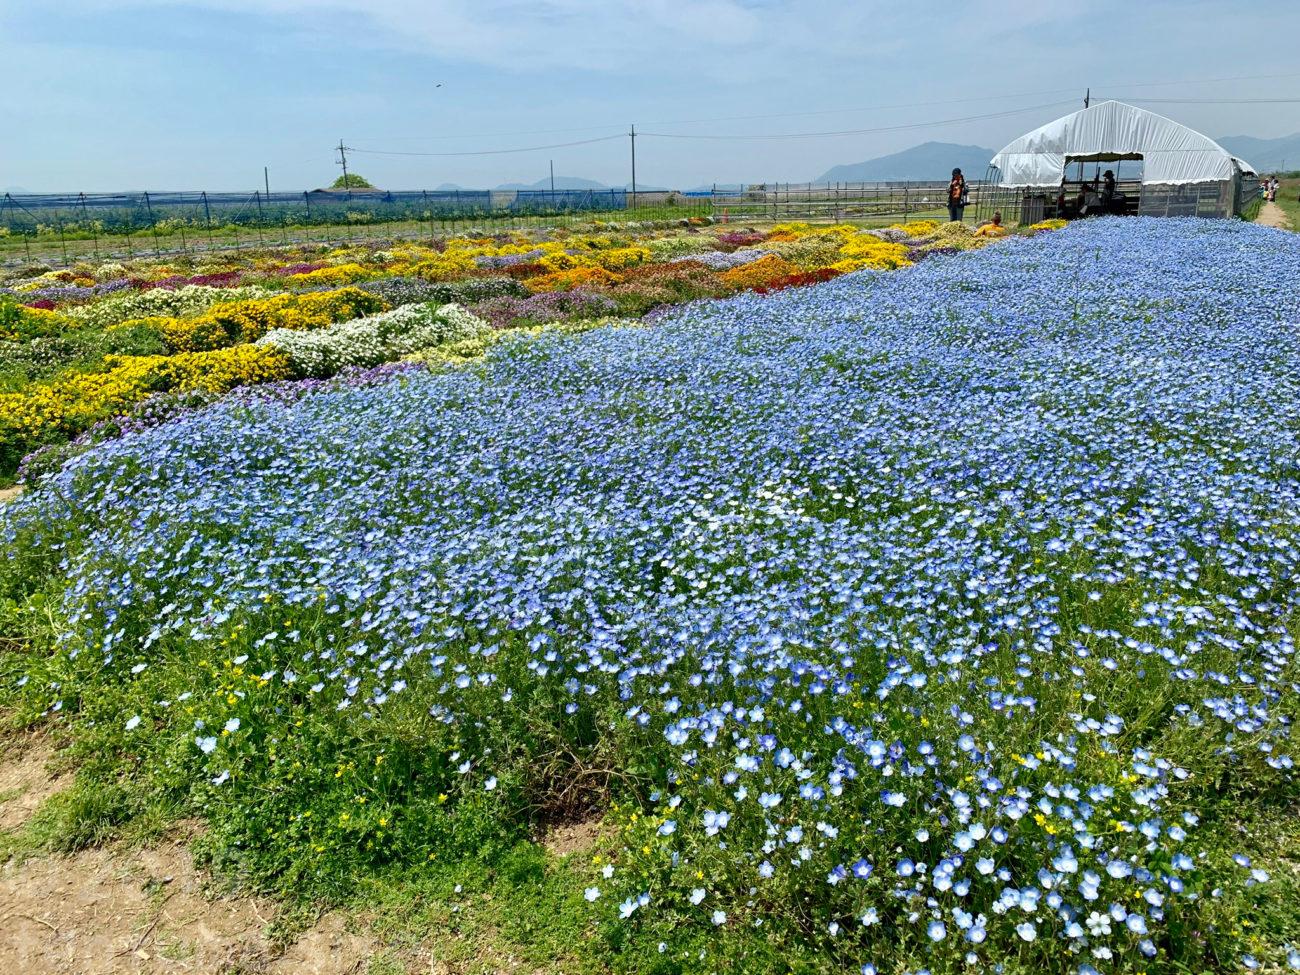 【山口県】山陽小野田市のおでかけスポット「花の海」に行ってきた!